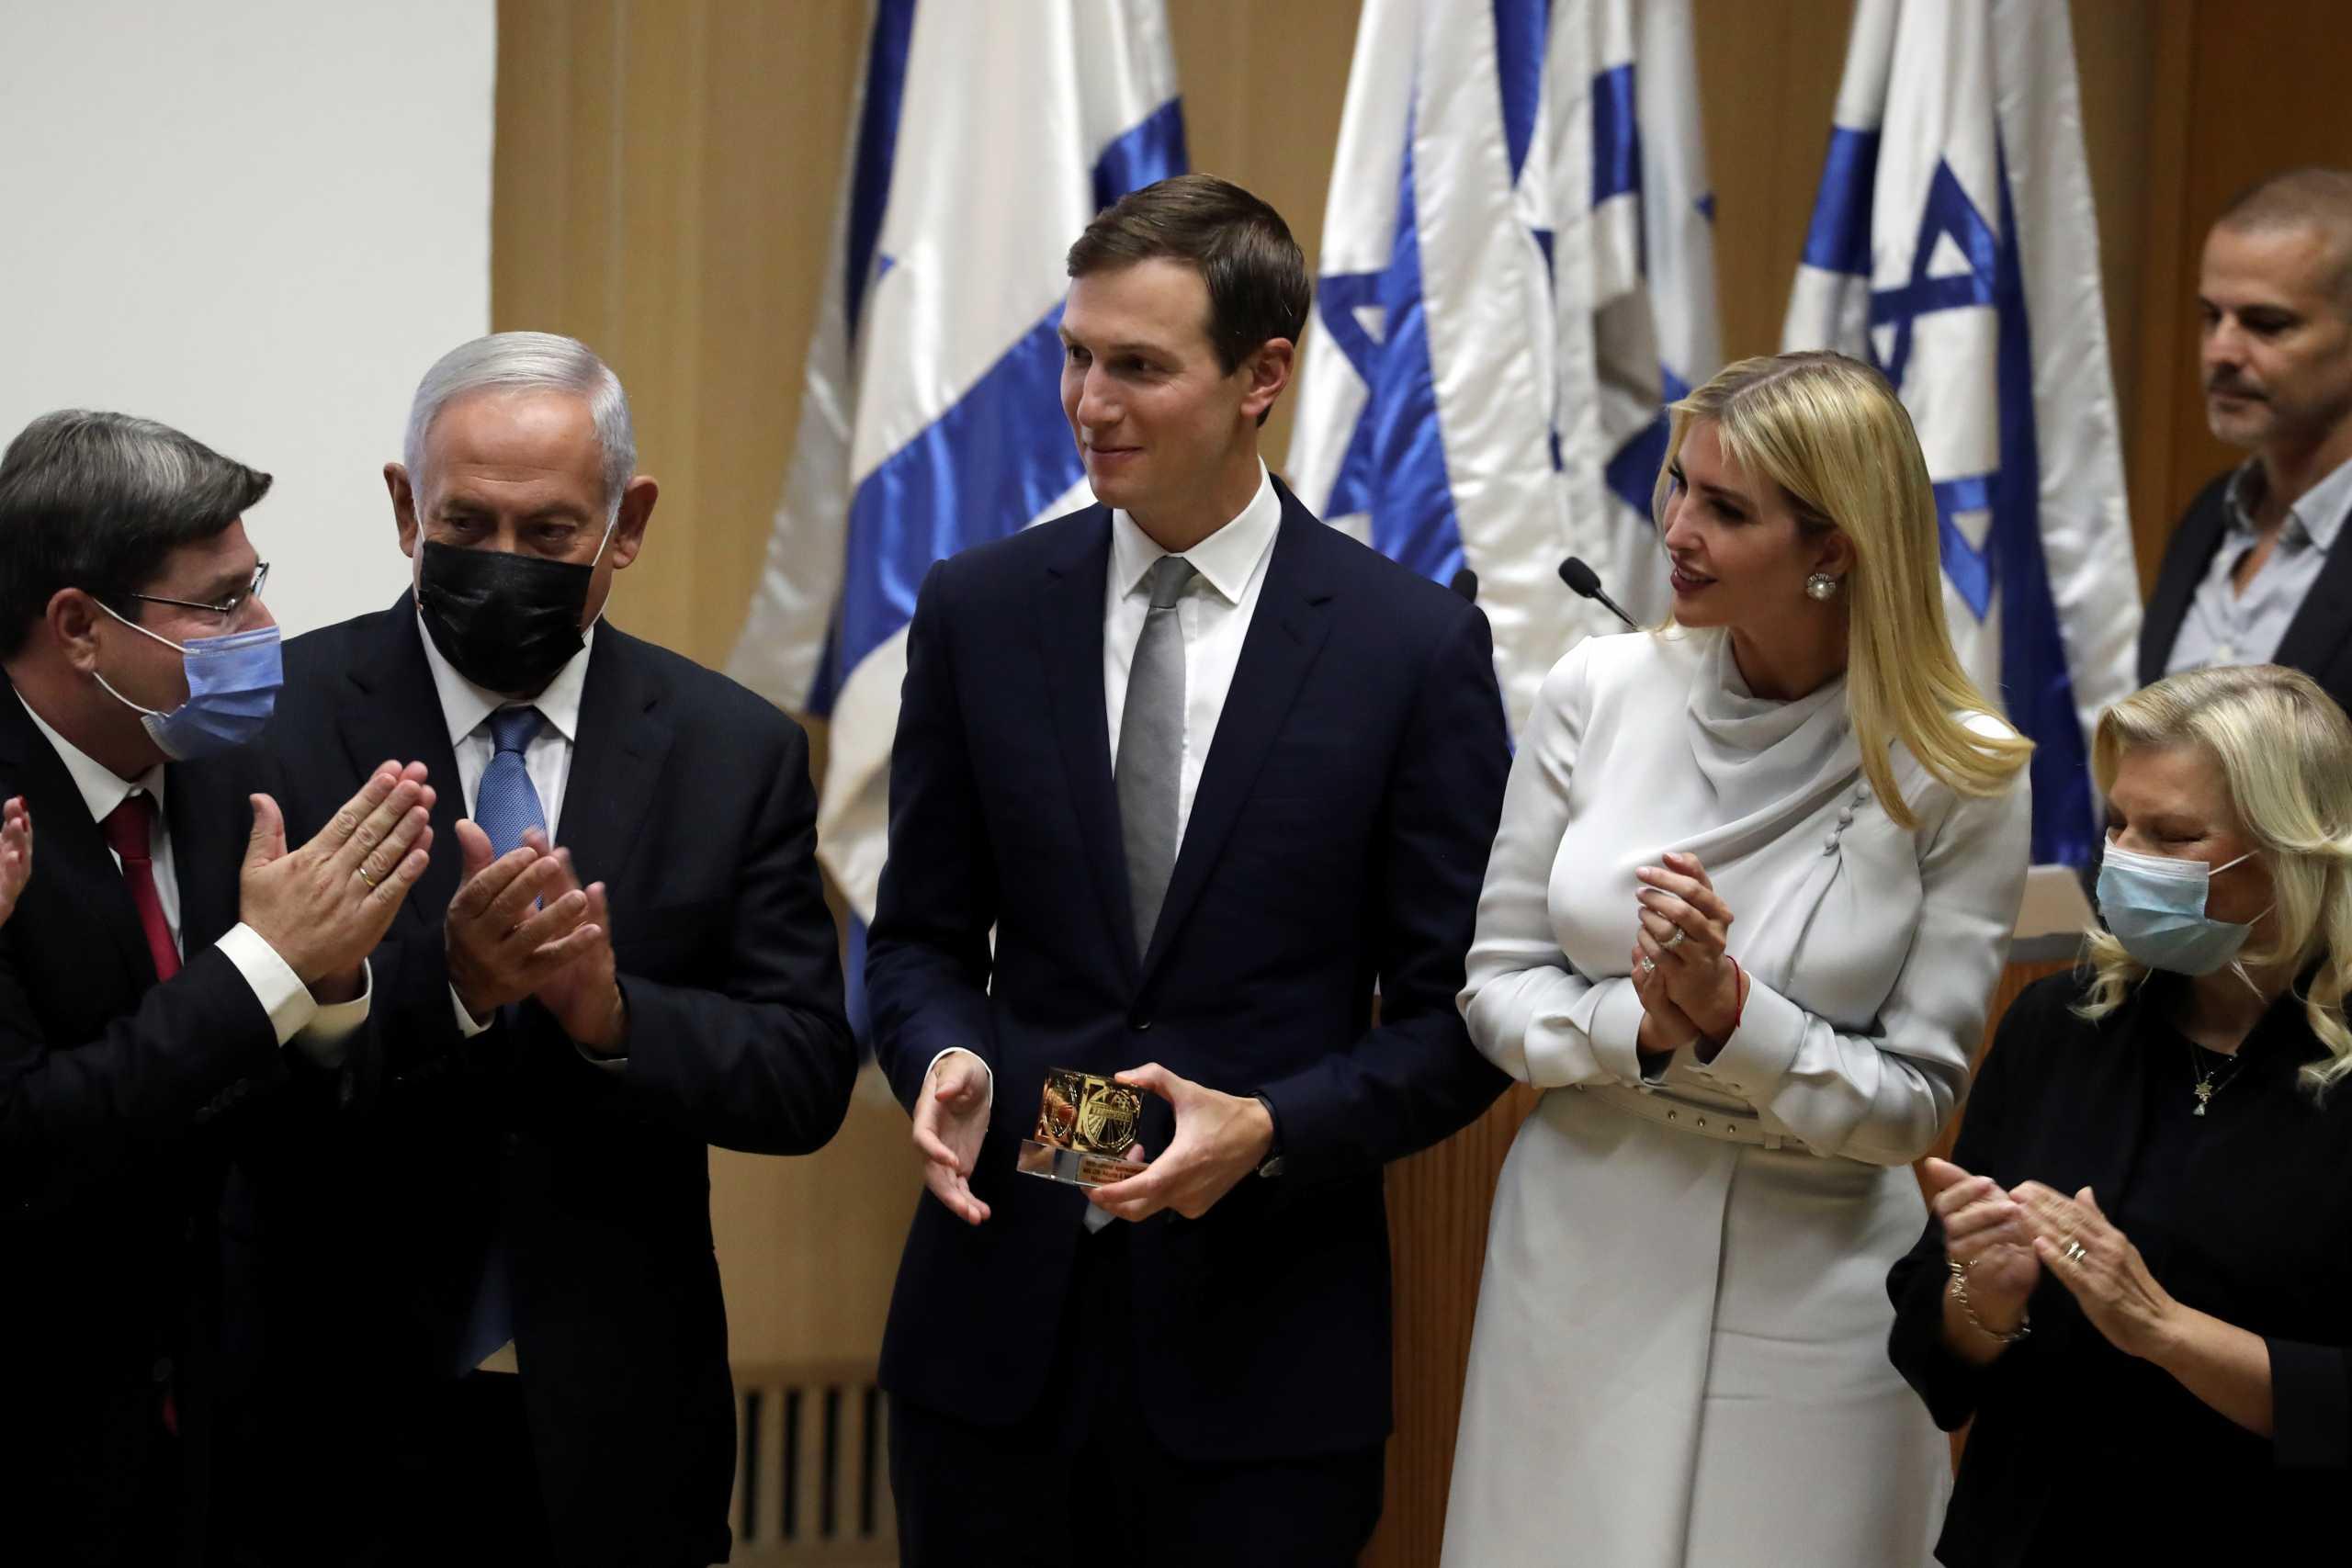 Τζάρεντ Κούσνερ και Ιβάνκα Τραμπ στο Ισραήλ για την ίδρυση λόμπι επιρροής